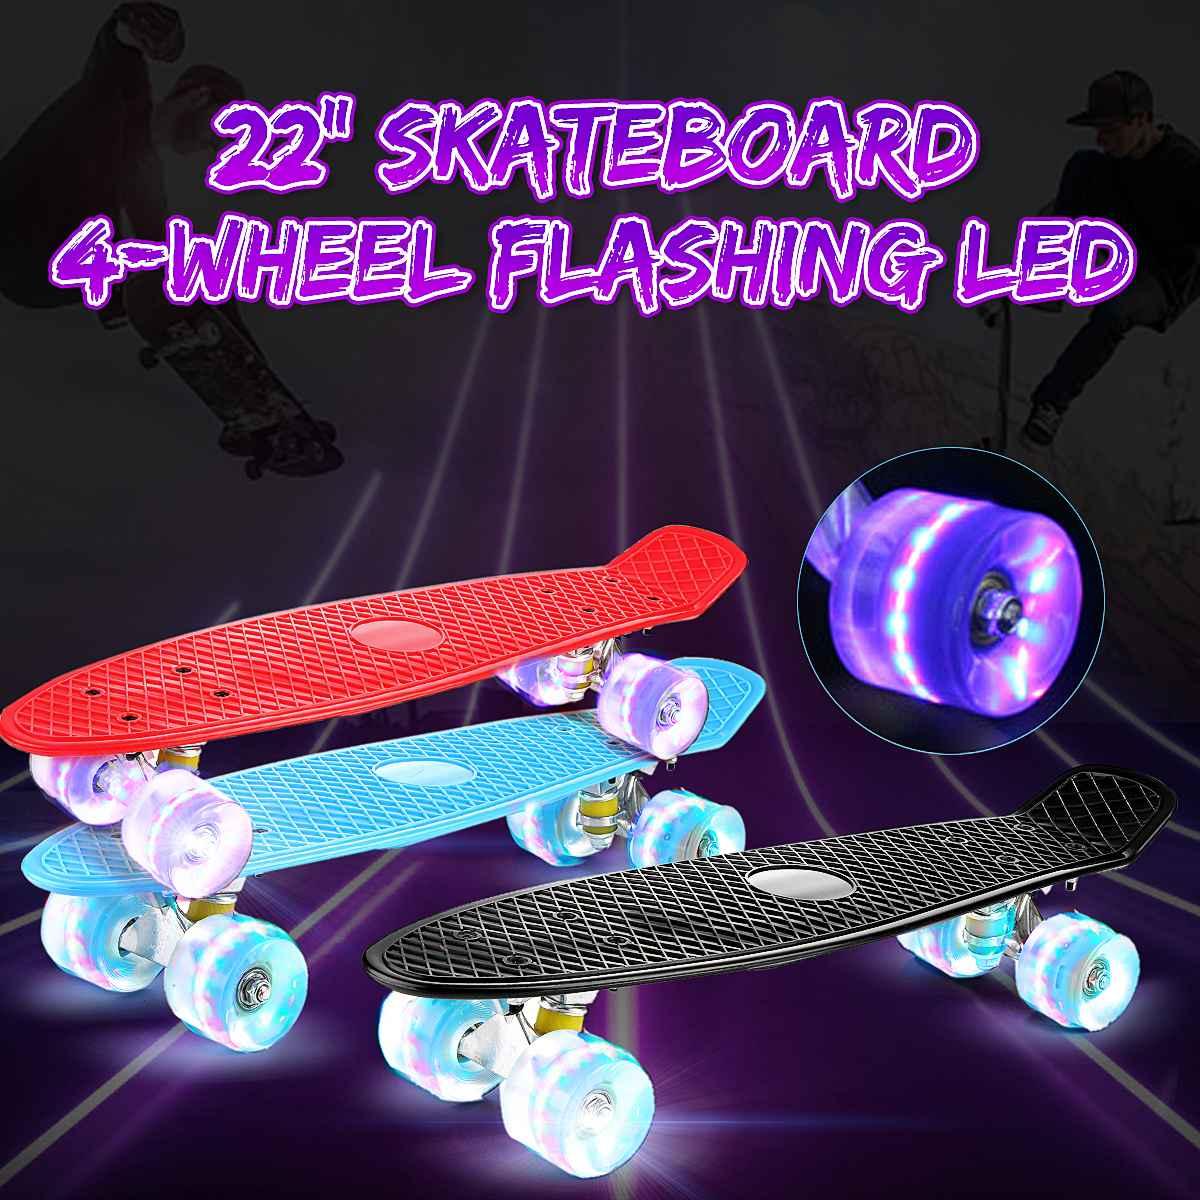 Patín de 22 pulgadas con luz intermitente Mini patineta de plástico Longboard de cuatro ruedas para deportes al aire libre en la calle para niños y niñas